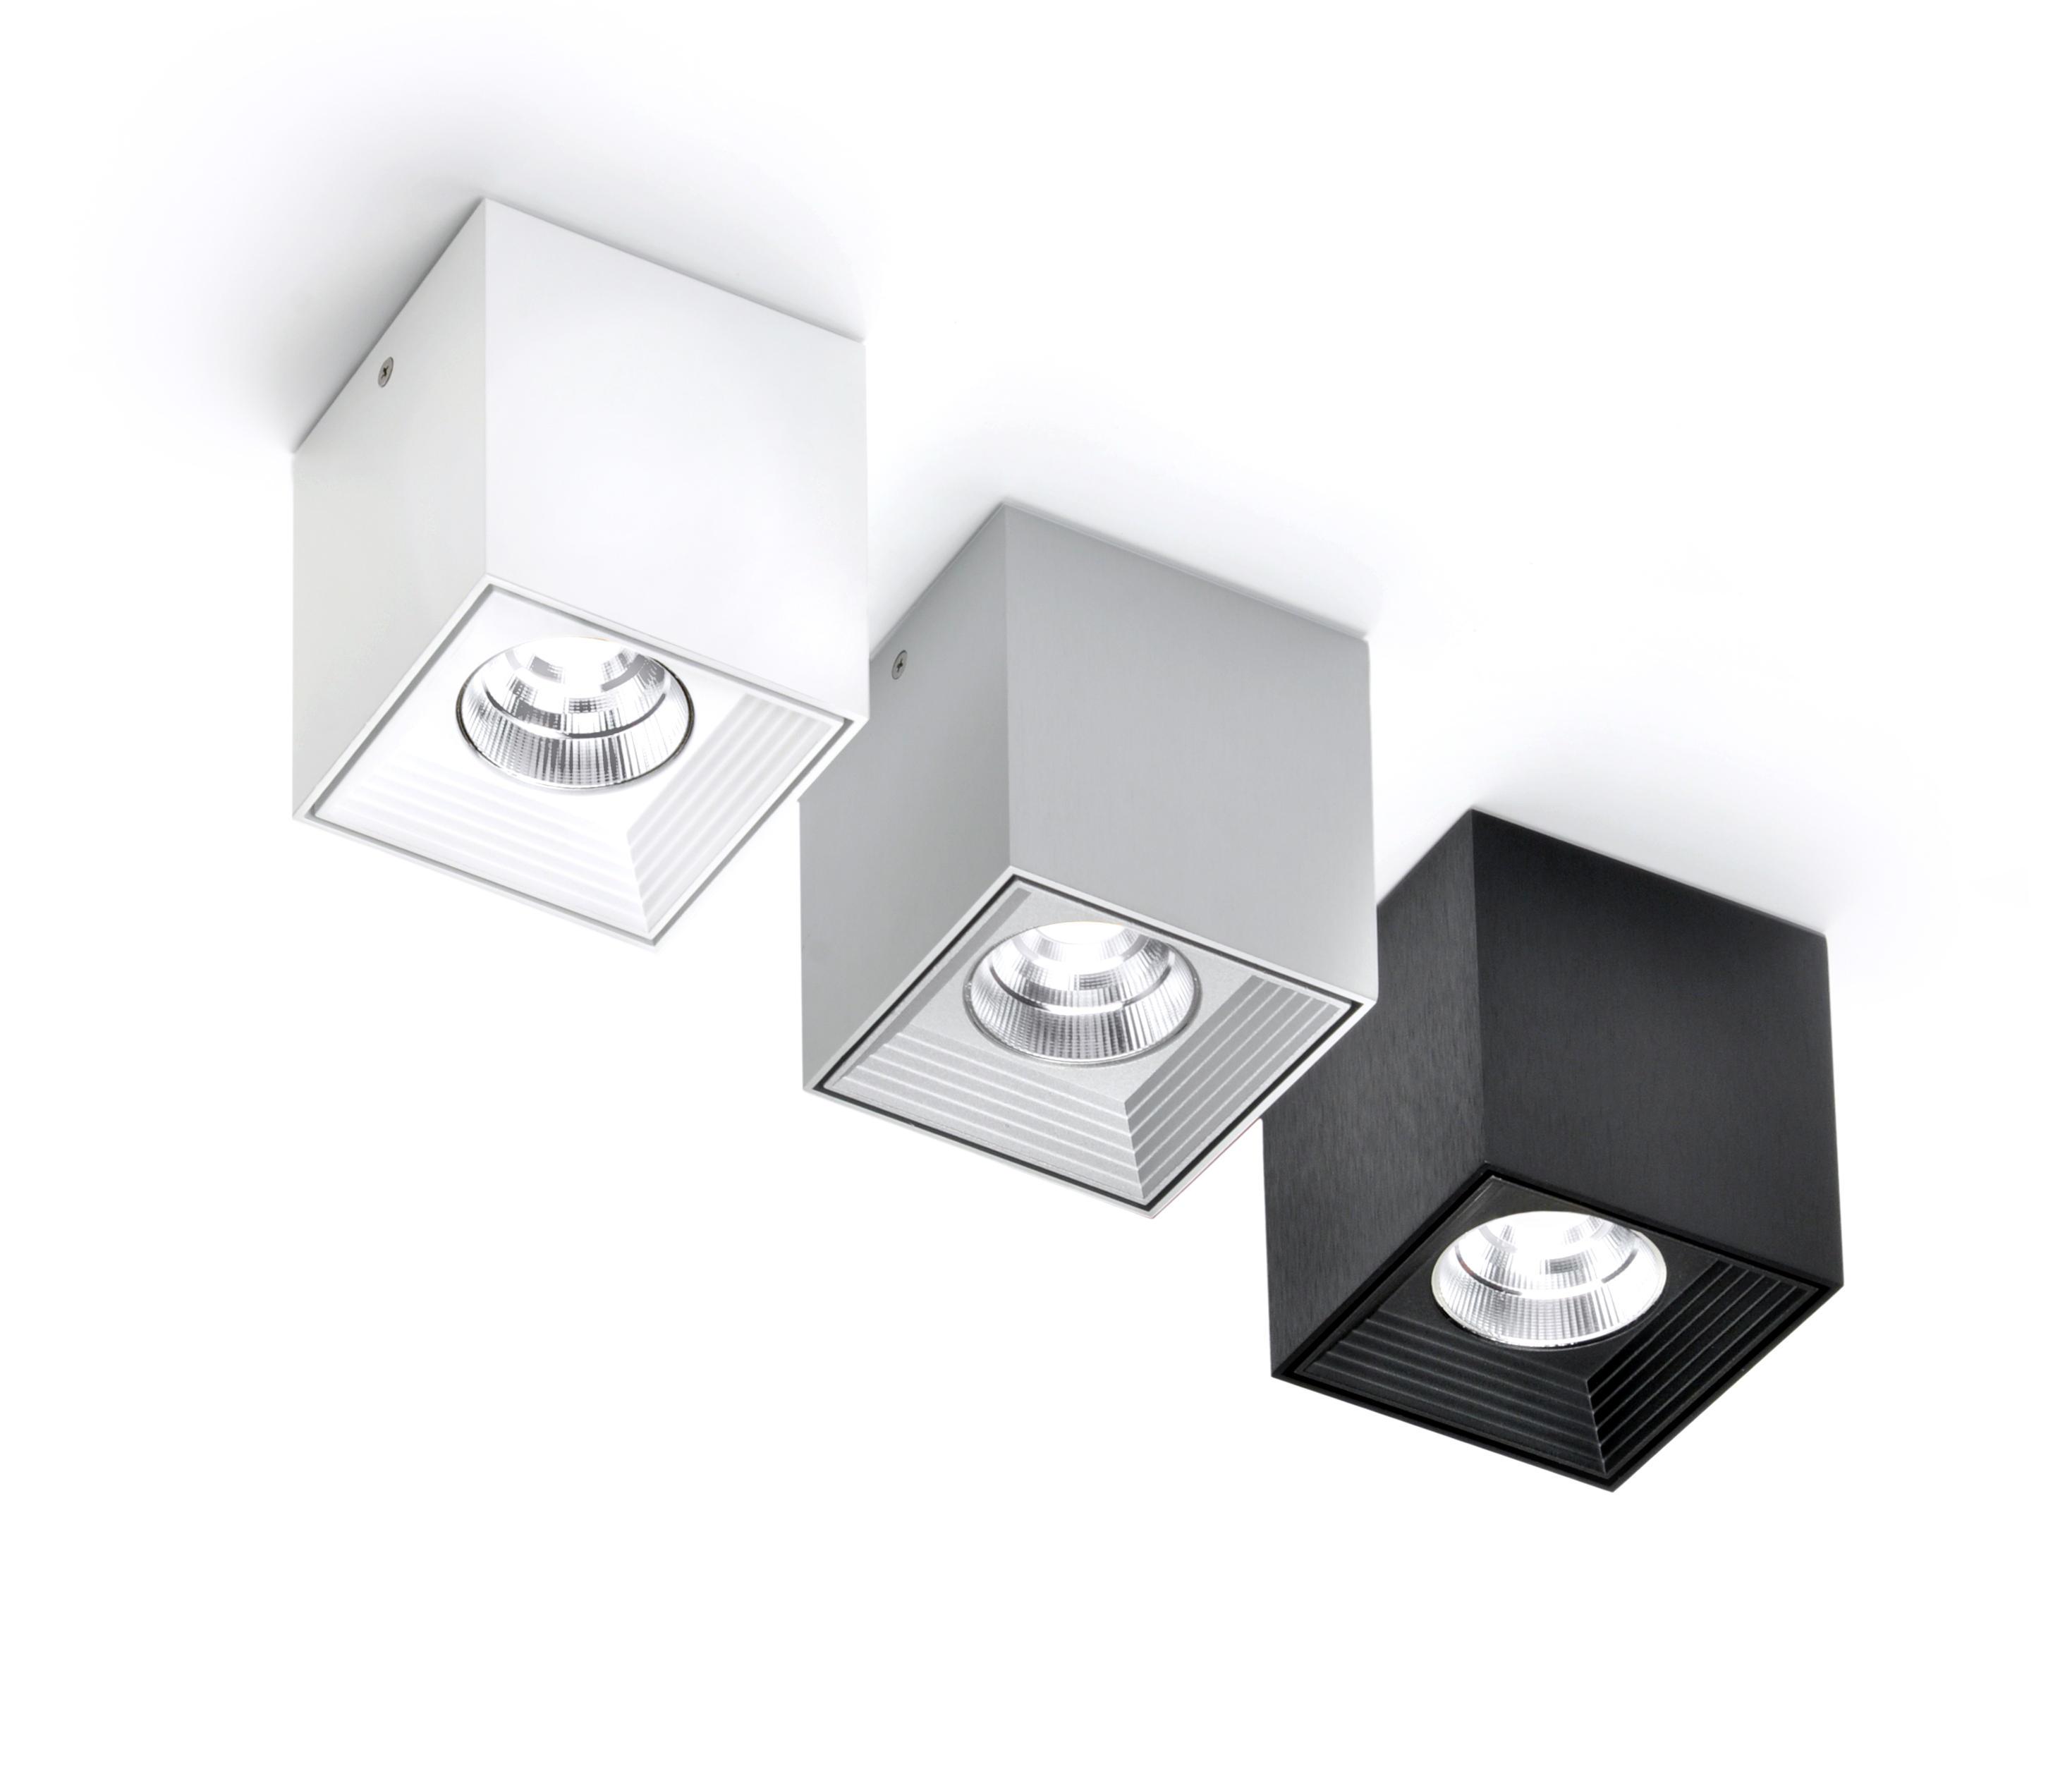 dau-spot-led-general-vision-1-b Erstaunlich Led Lampen Für Flur Dekorationen